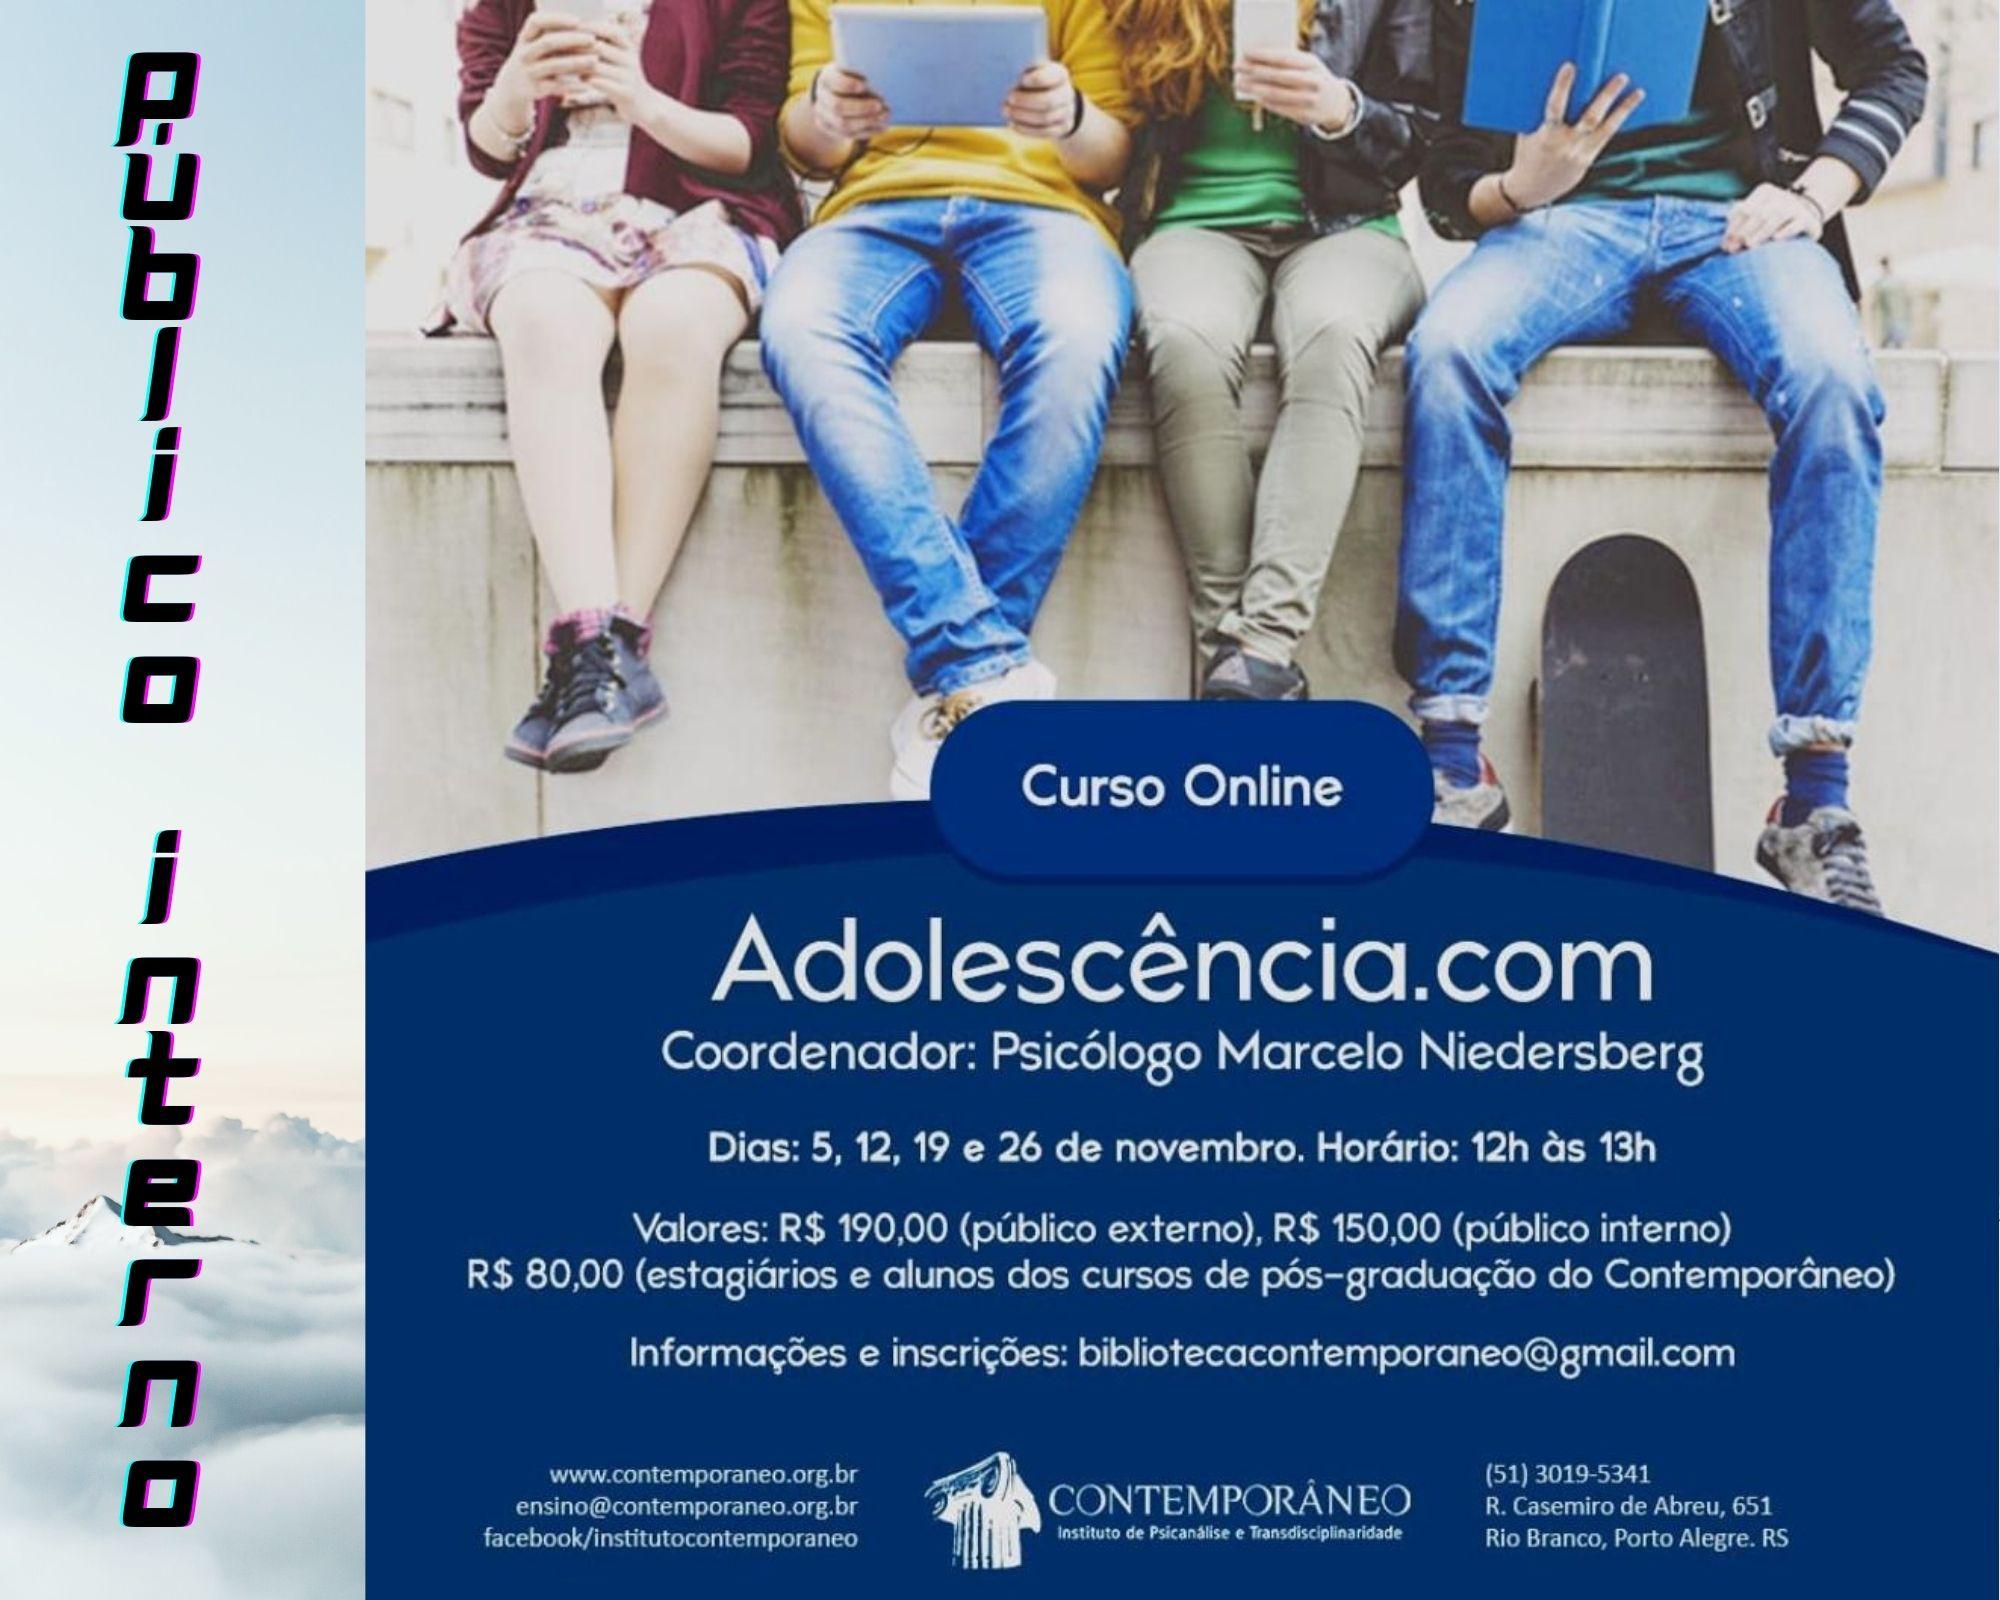 Curso para Adolescência.com - Público Interno